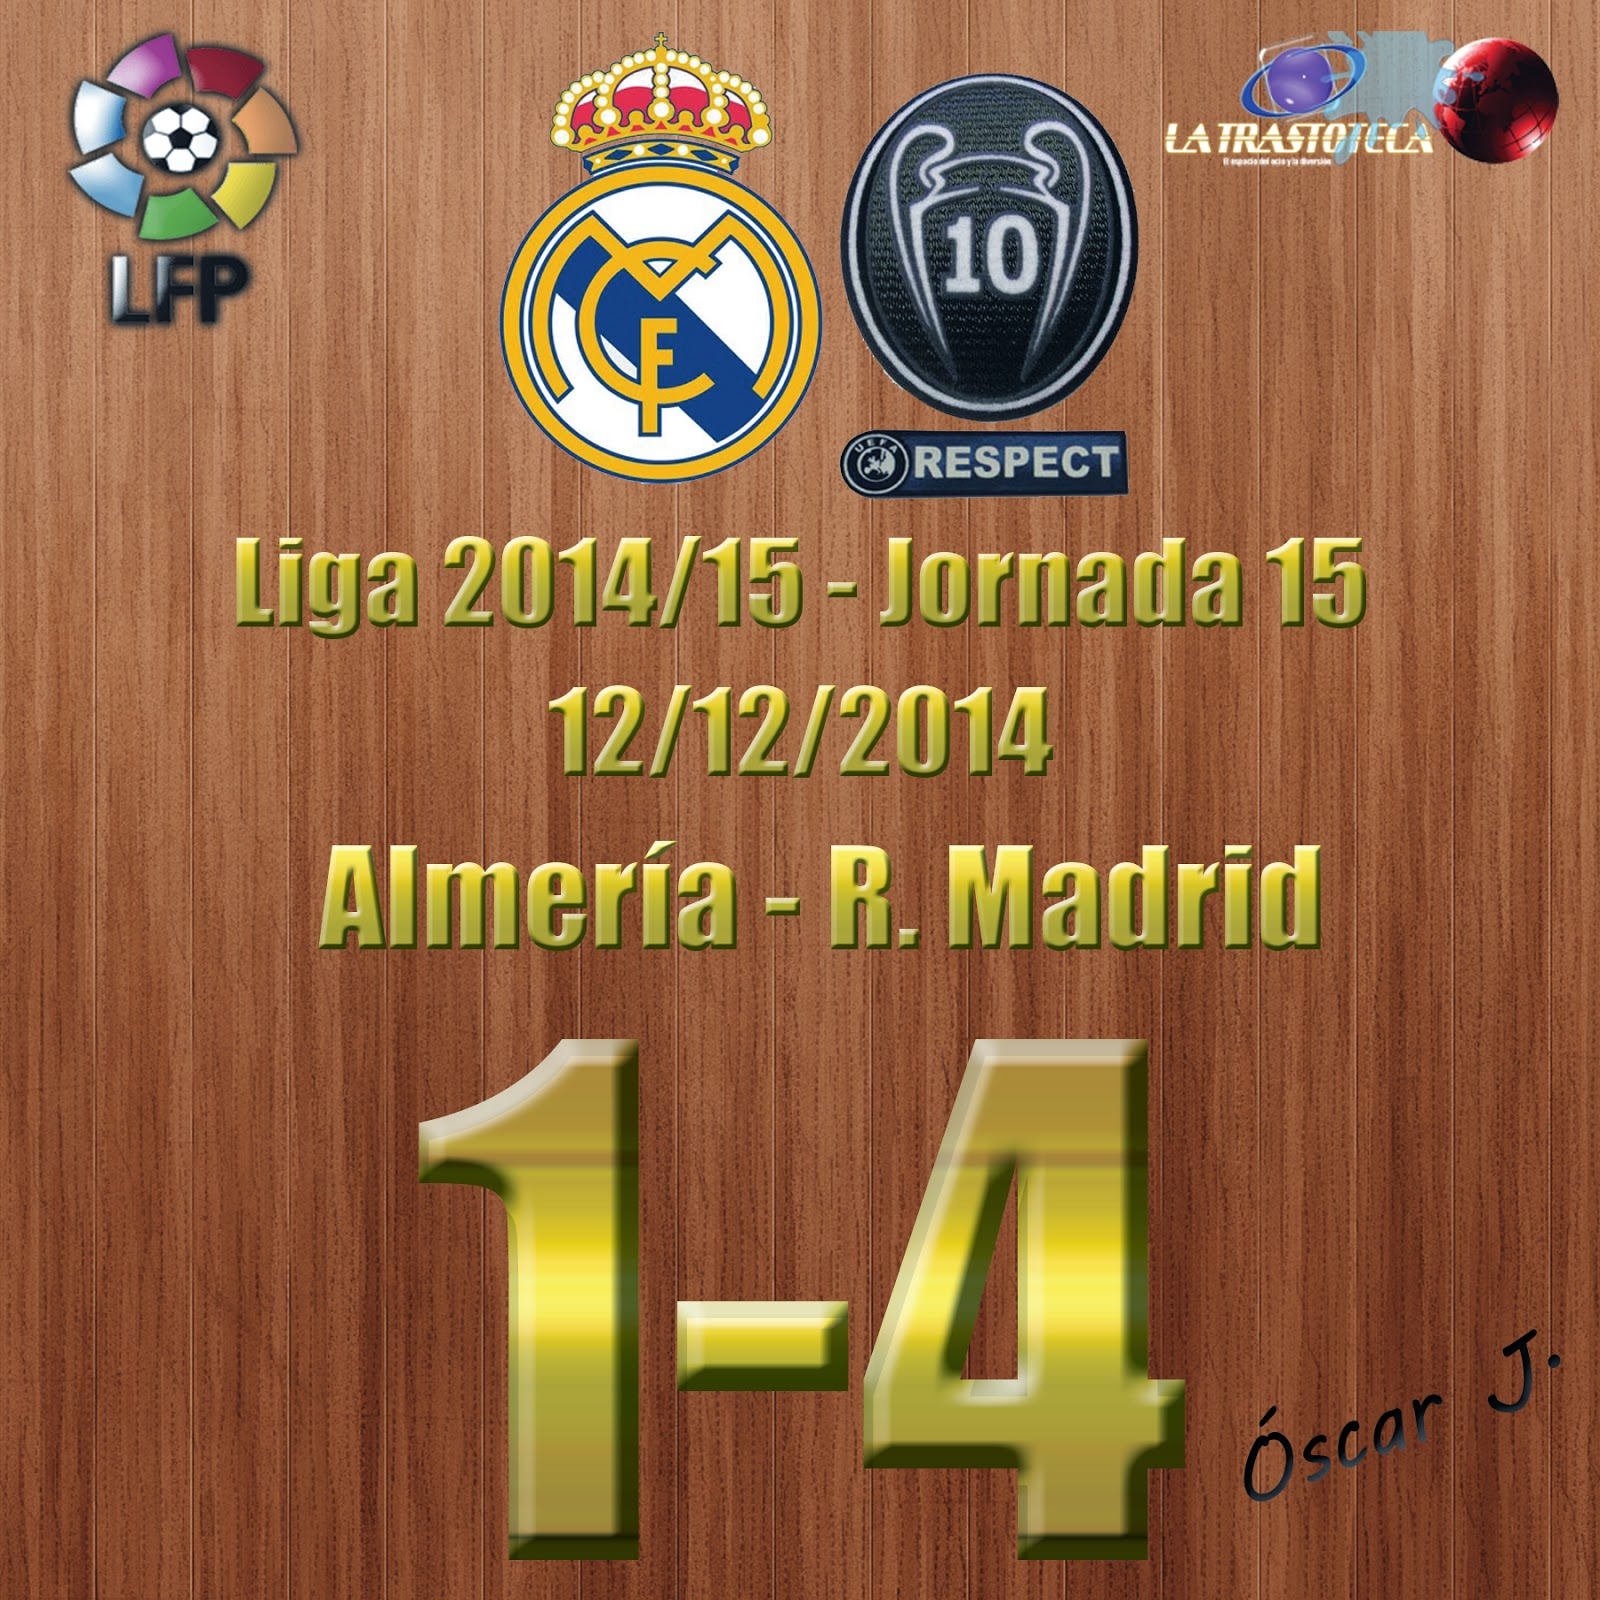 Isco (0-1) - Almería 1-4 Real Madrid - Liga 2014/15 - Jornada 15 - (12/12/2014)